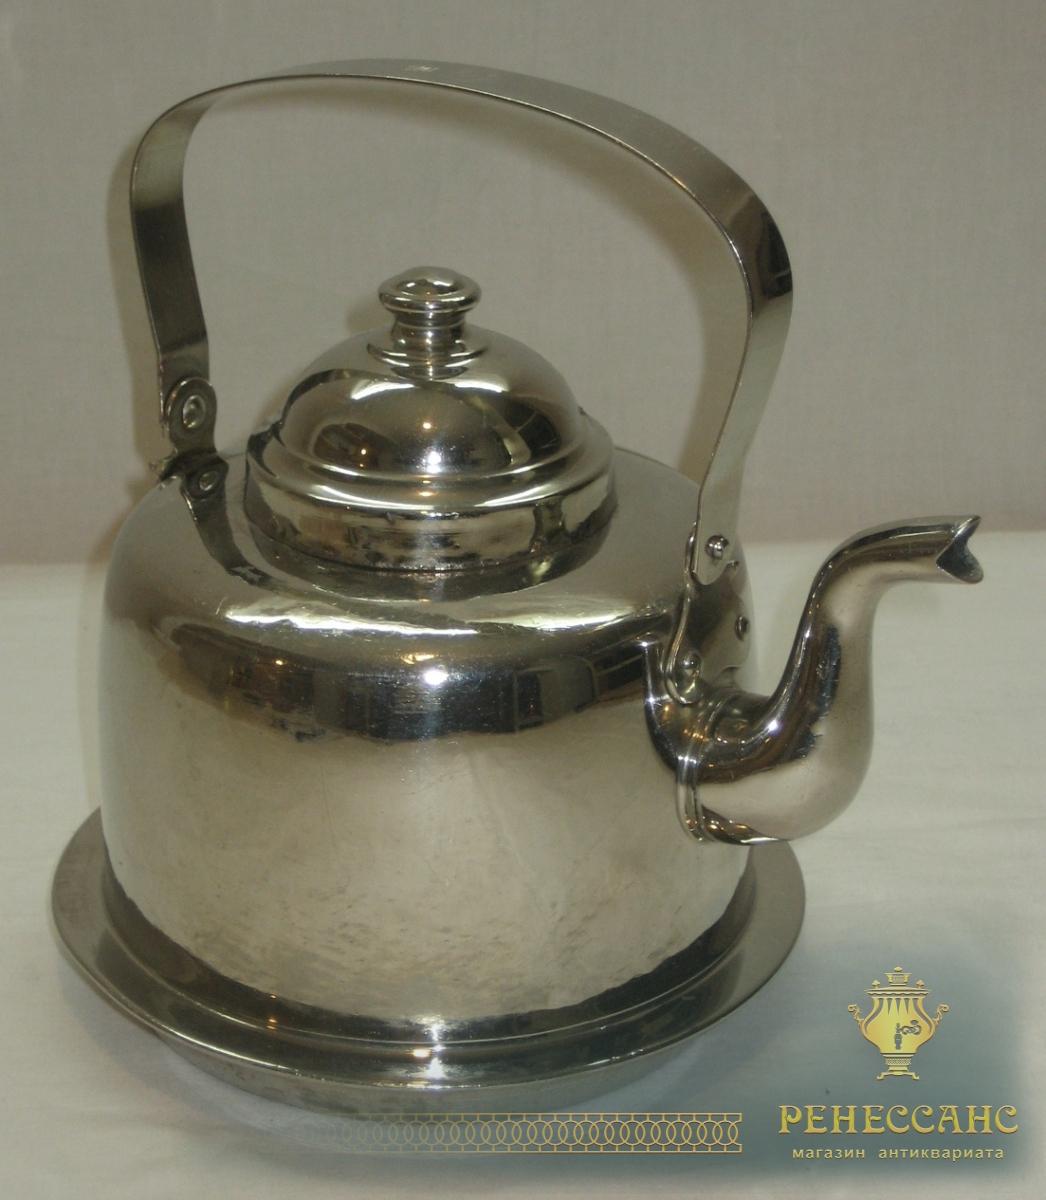 Чайник старинный на 1,5 литра «Хельсинки» 20 век №